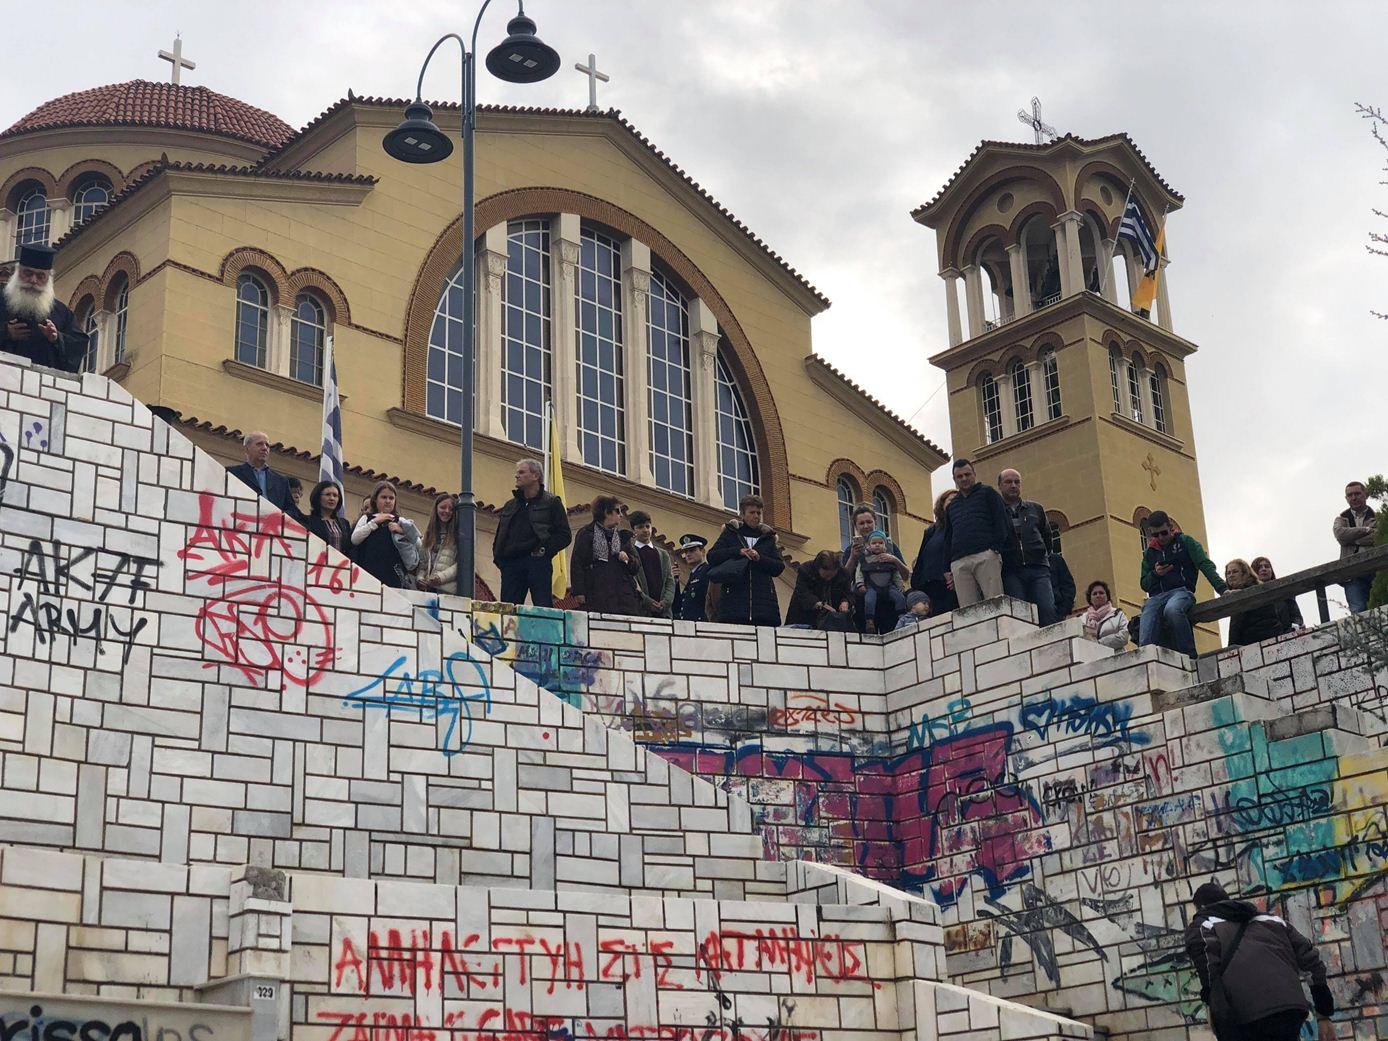 Δείτε βίντεο και φωτογραφίες από την πομπή προς τον Μητροπολιτικό Ναό του Αγίου Αχιλλίου